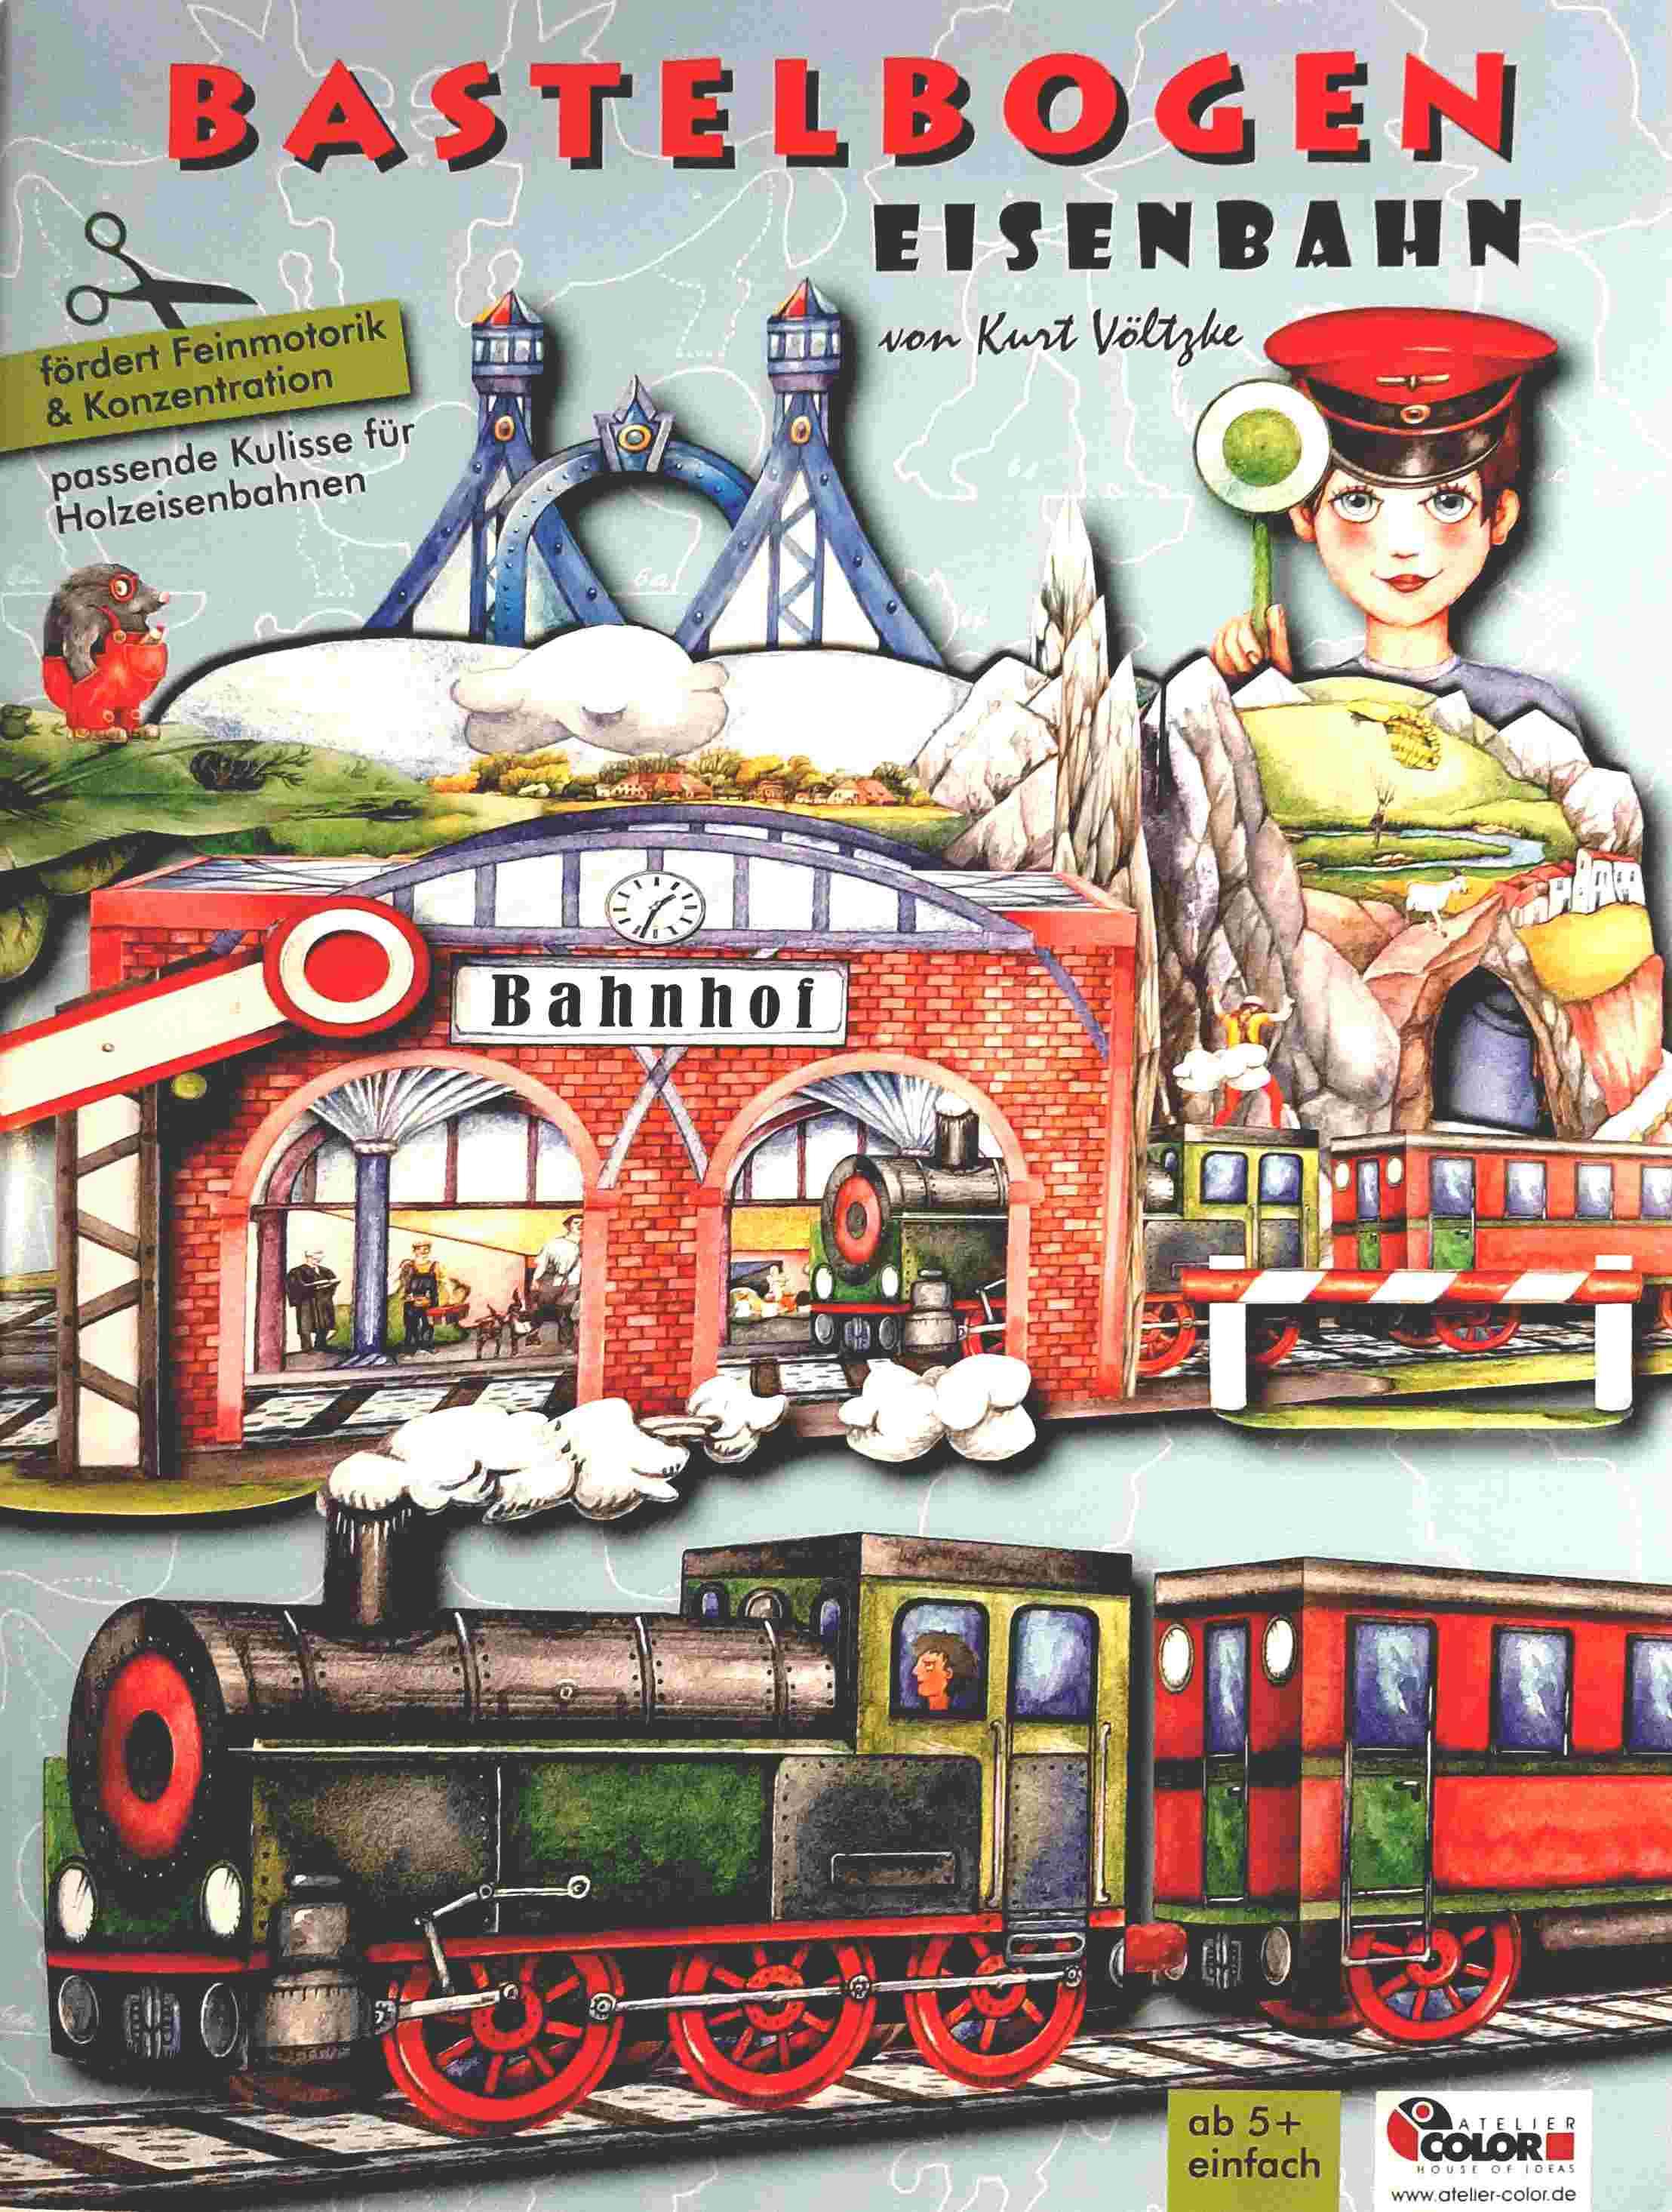 Bastelbogen Eisenbahn